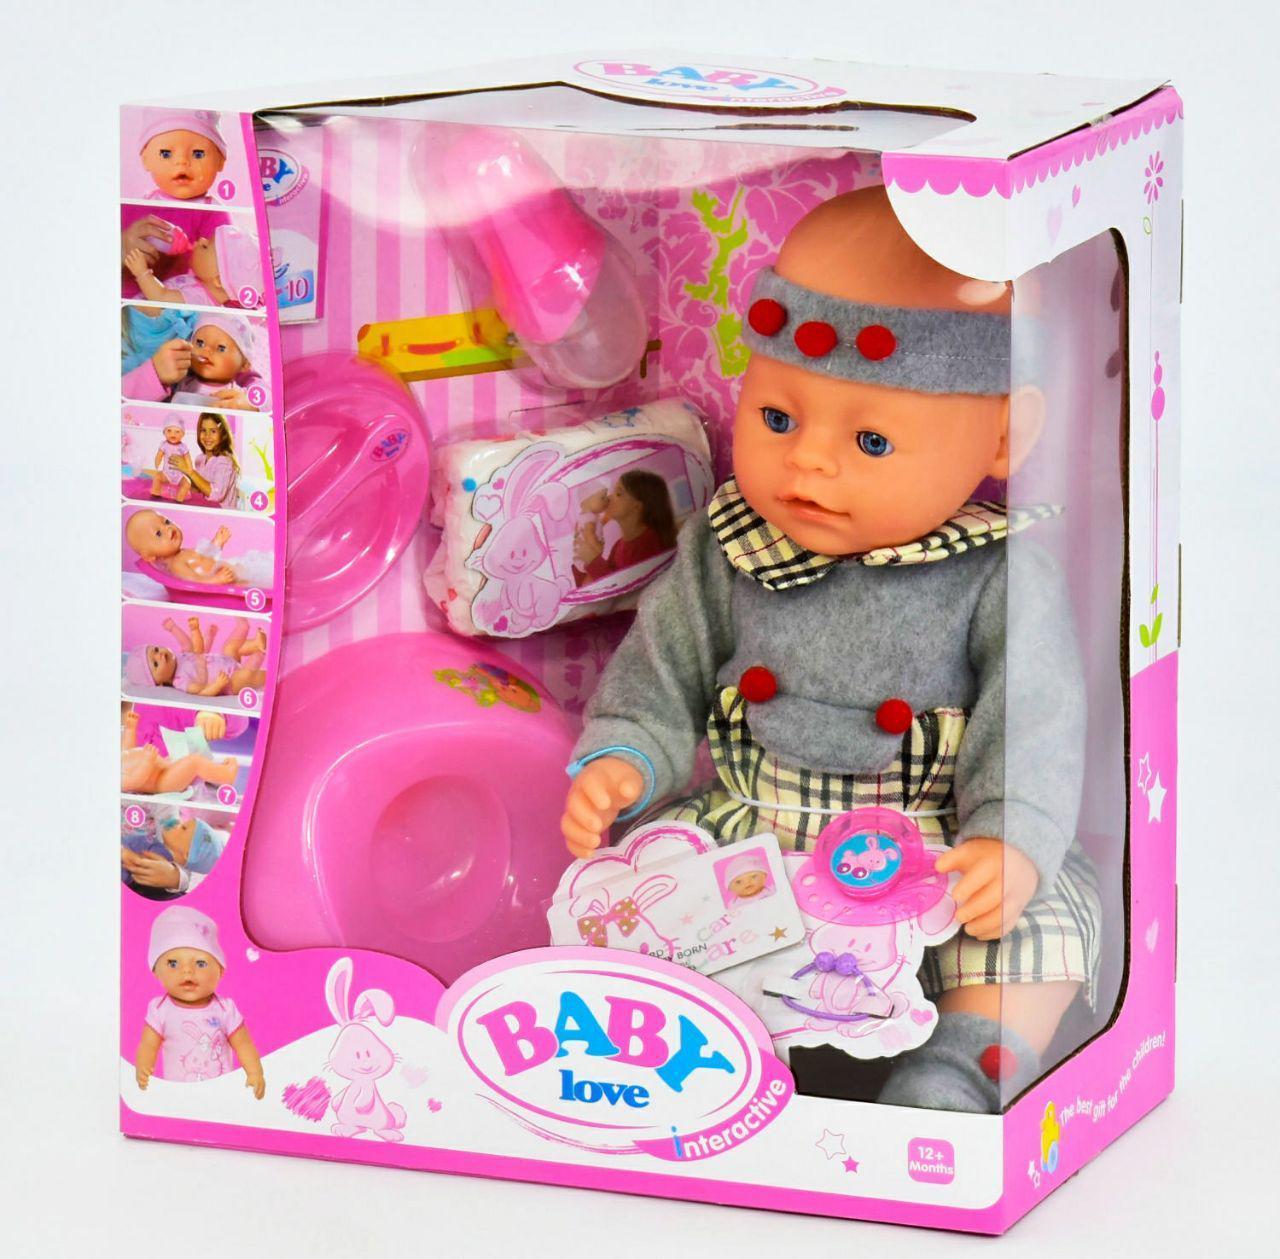 Кукла-пупс Baby Born, игрушка для девочки беби борн